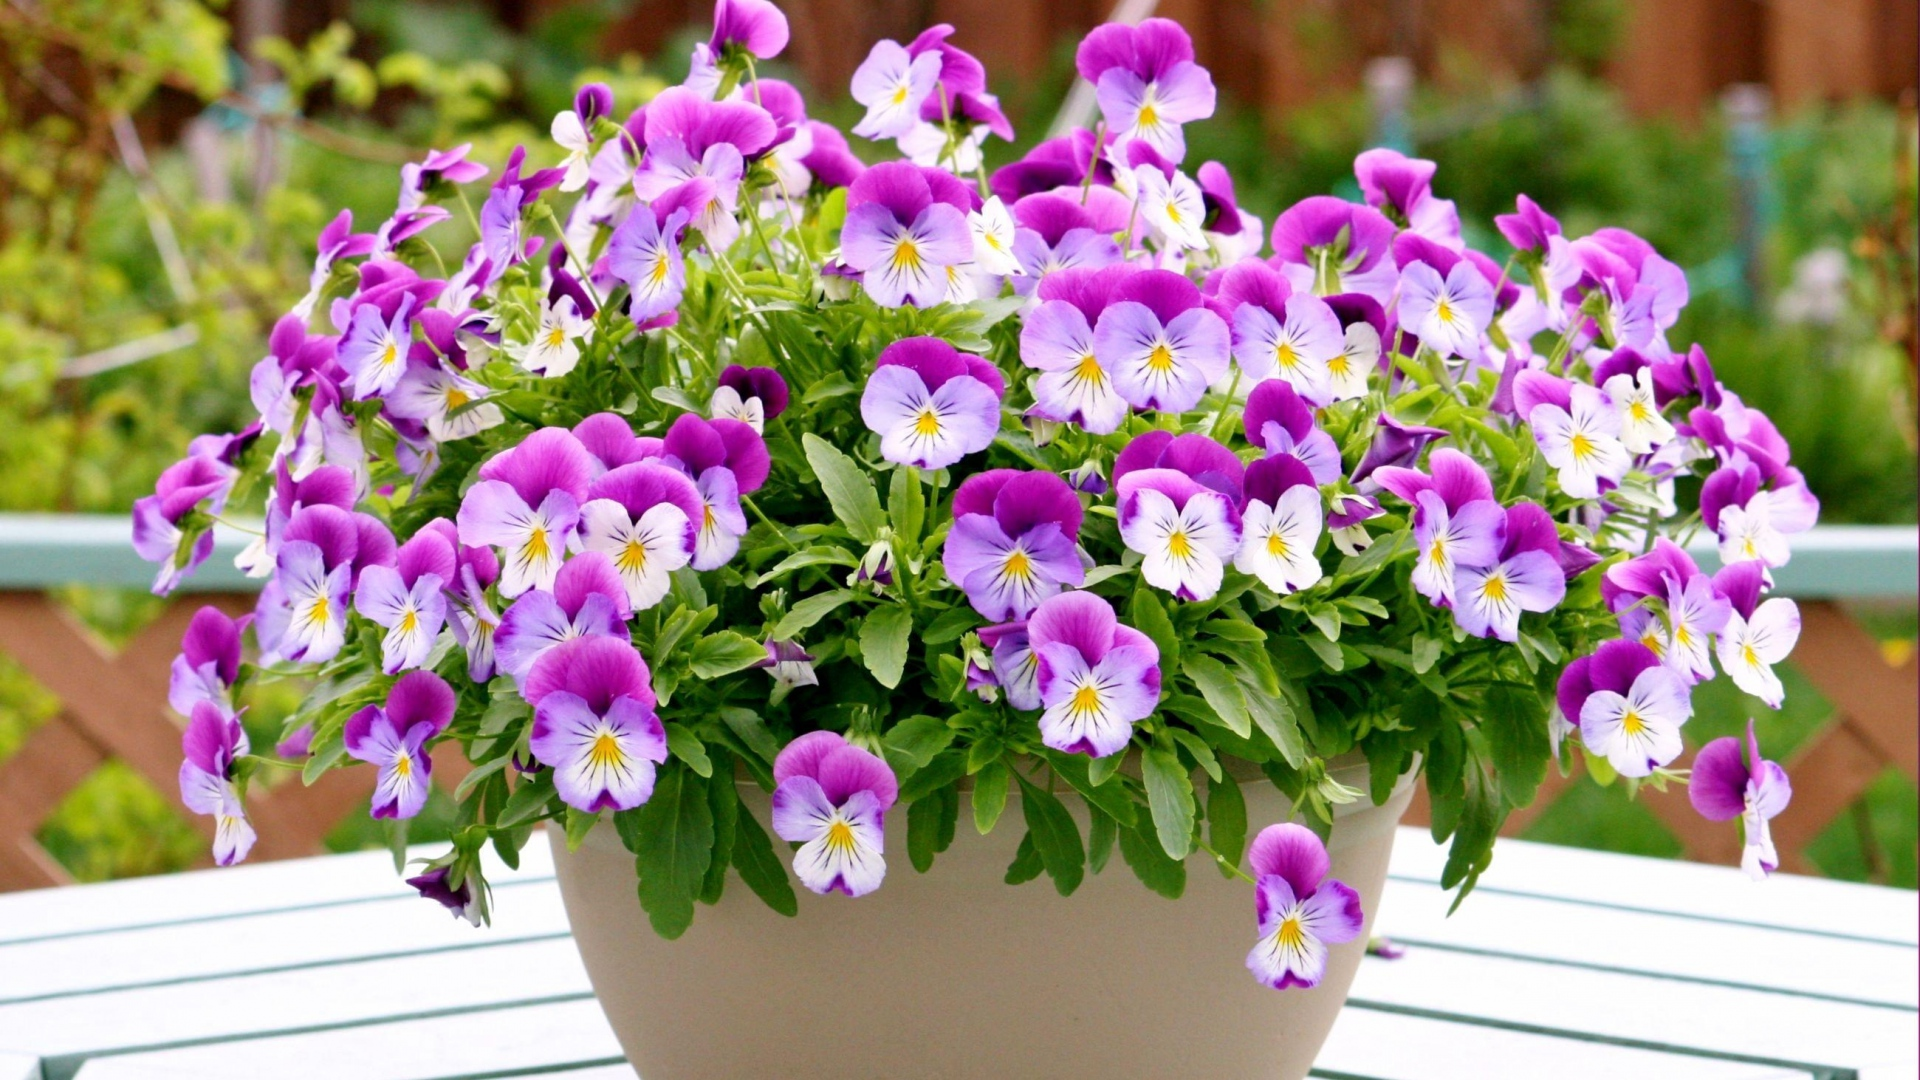 Download Wallpaper pansies flowers pots herbs Full HD